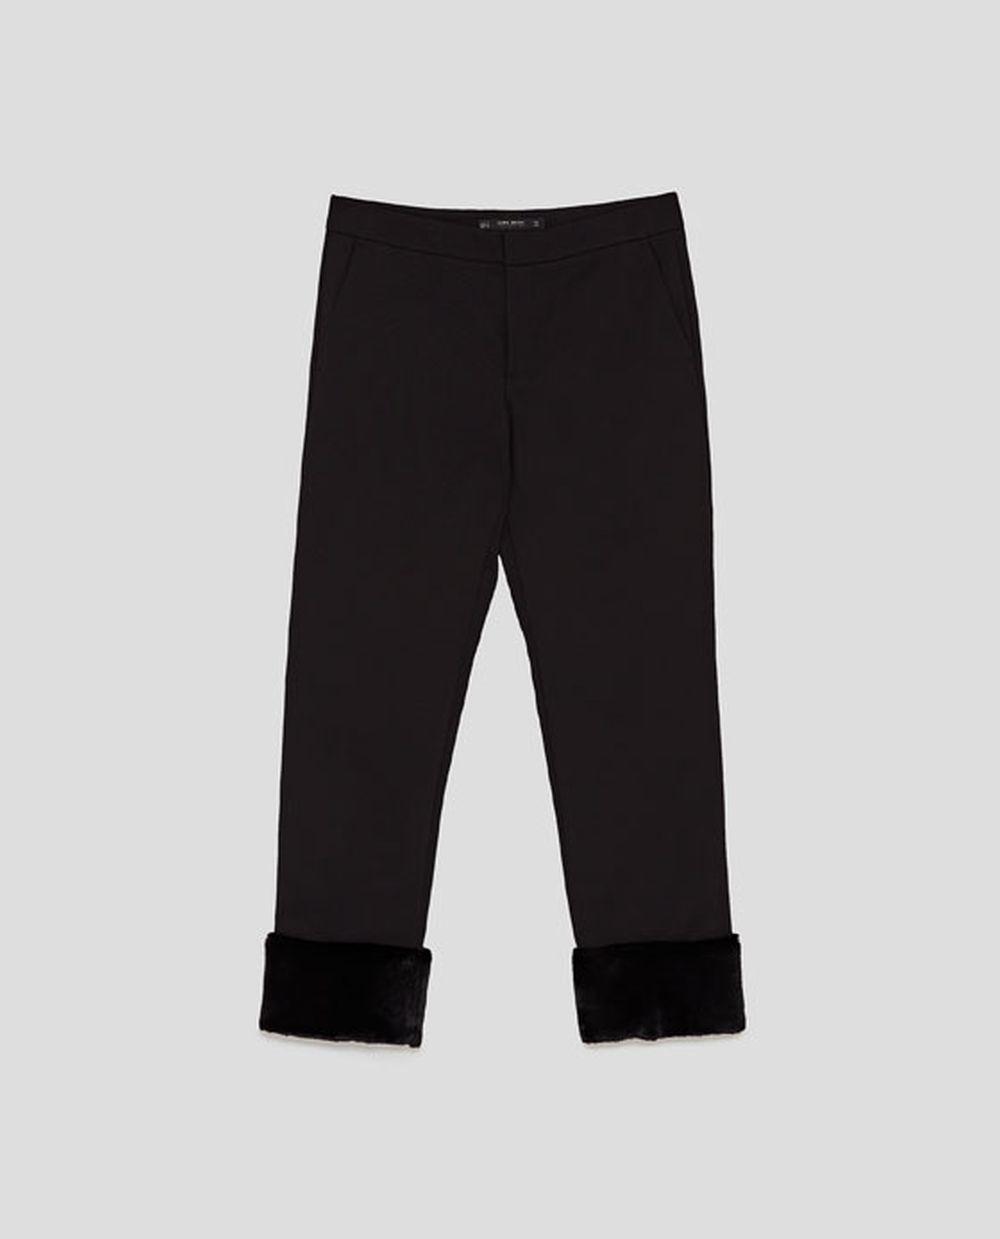 Pantalón con detalle de pelo de Zara (29,95 euros)